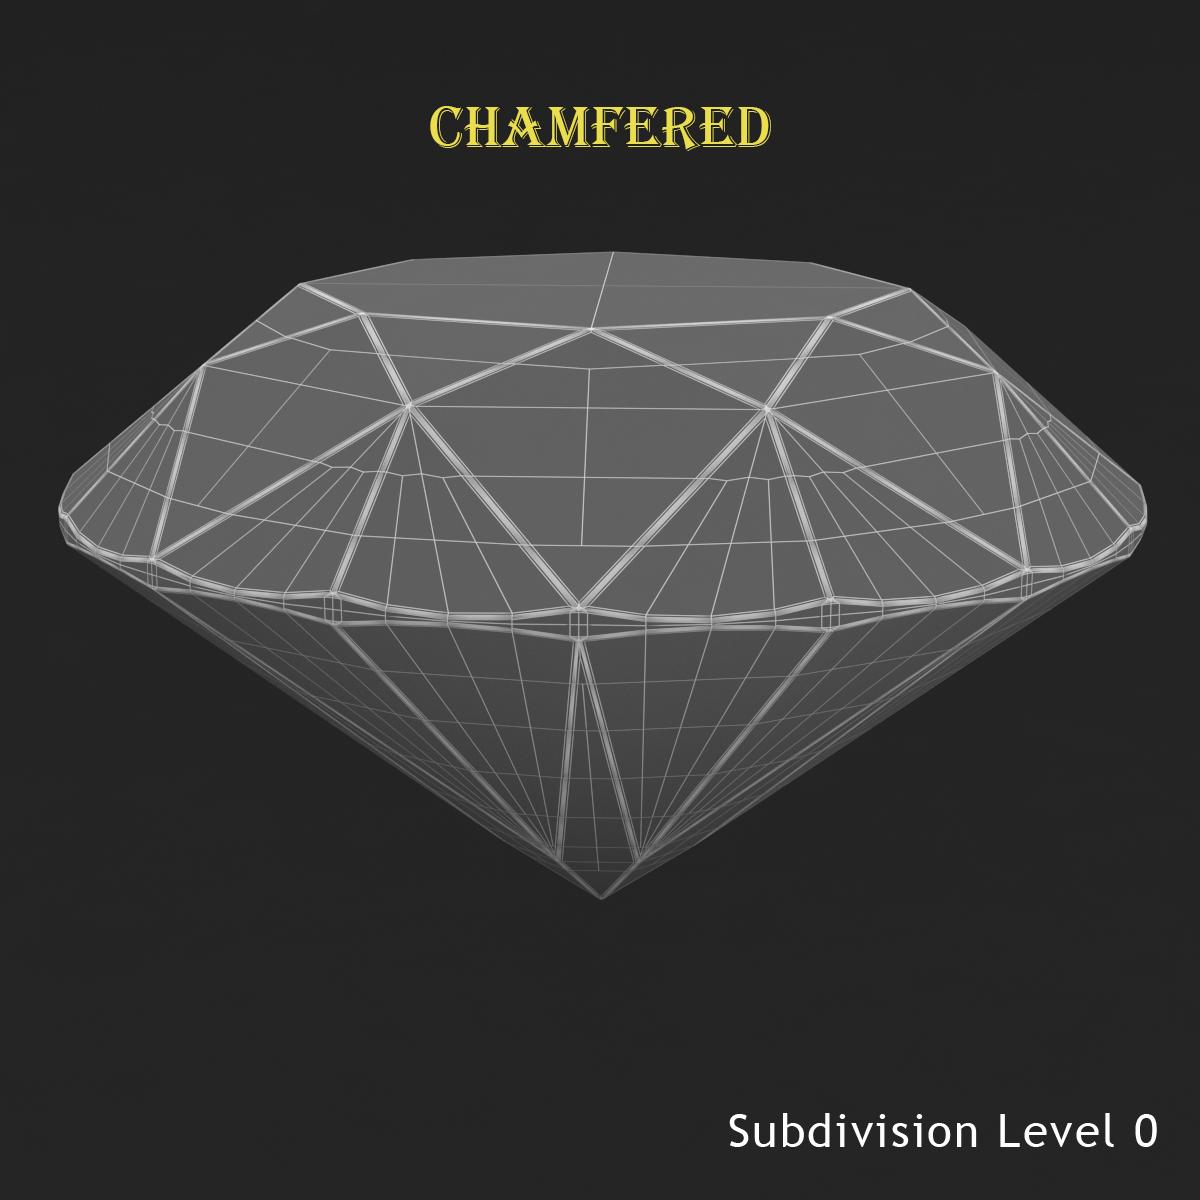 round brilliant diamond 3d model 3ds max dxf dwg fbx c4d ma mb 3dm  obj 283539